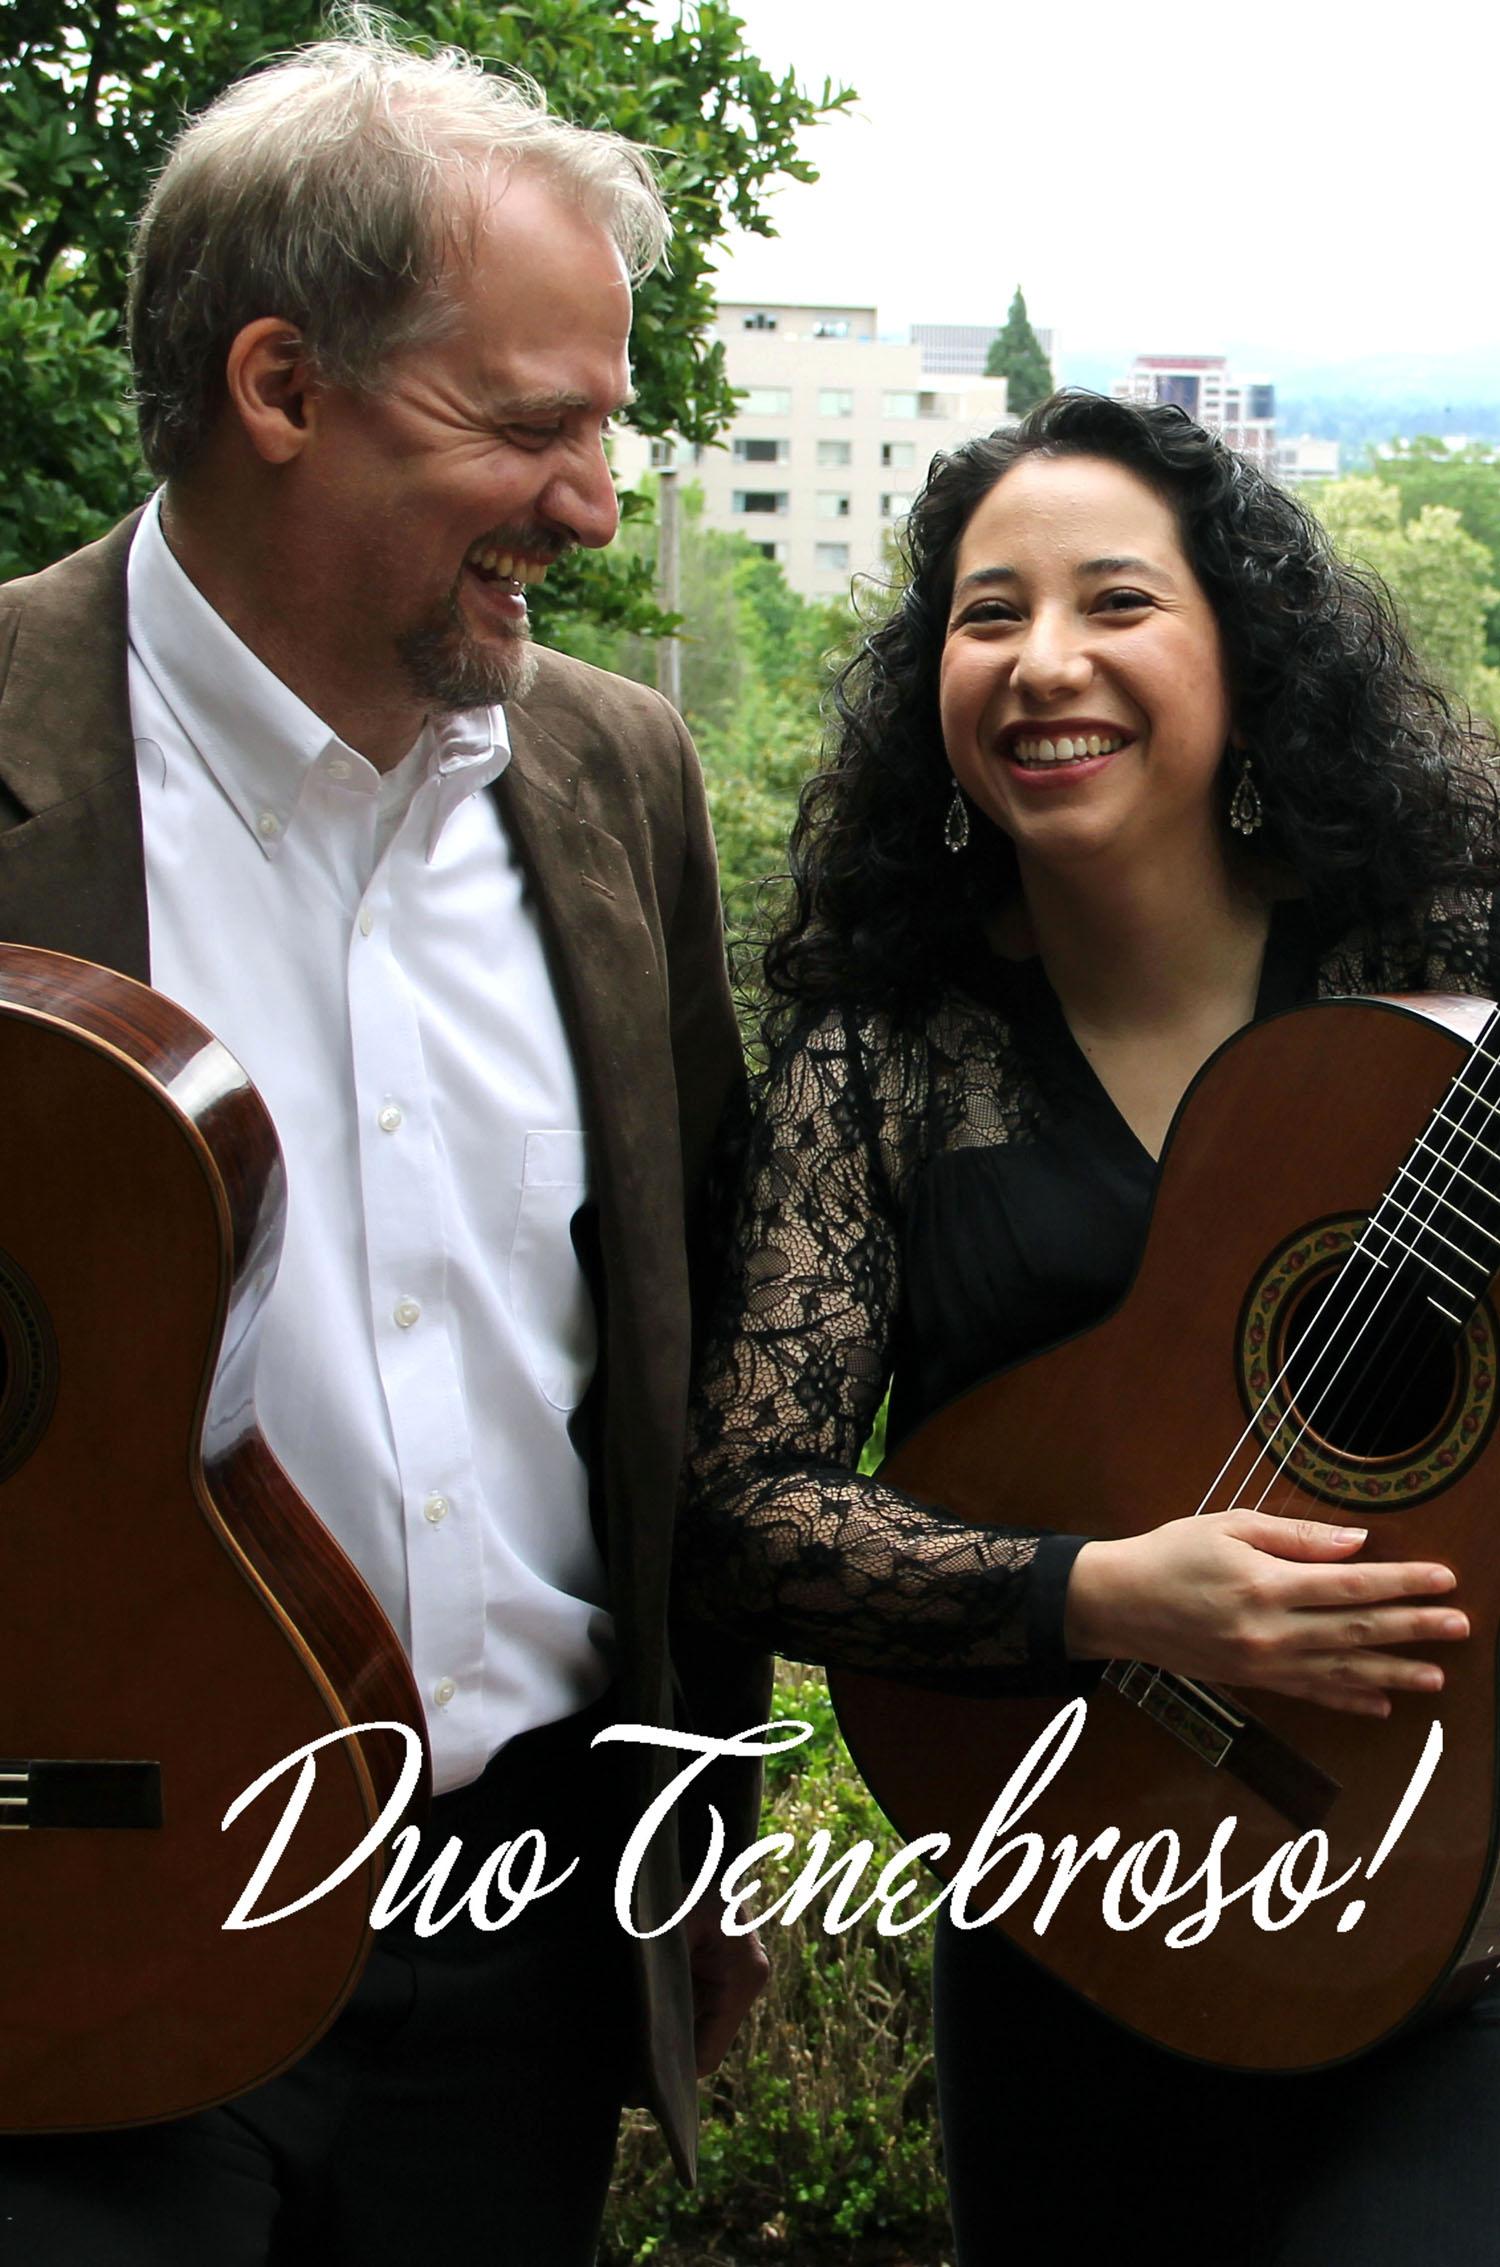 duo_tenebroso_classical_guitar_laughing_words.jpg